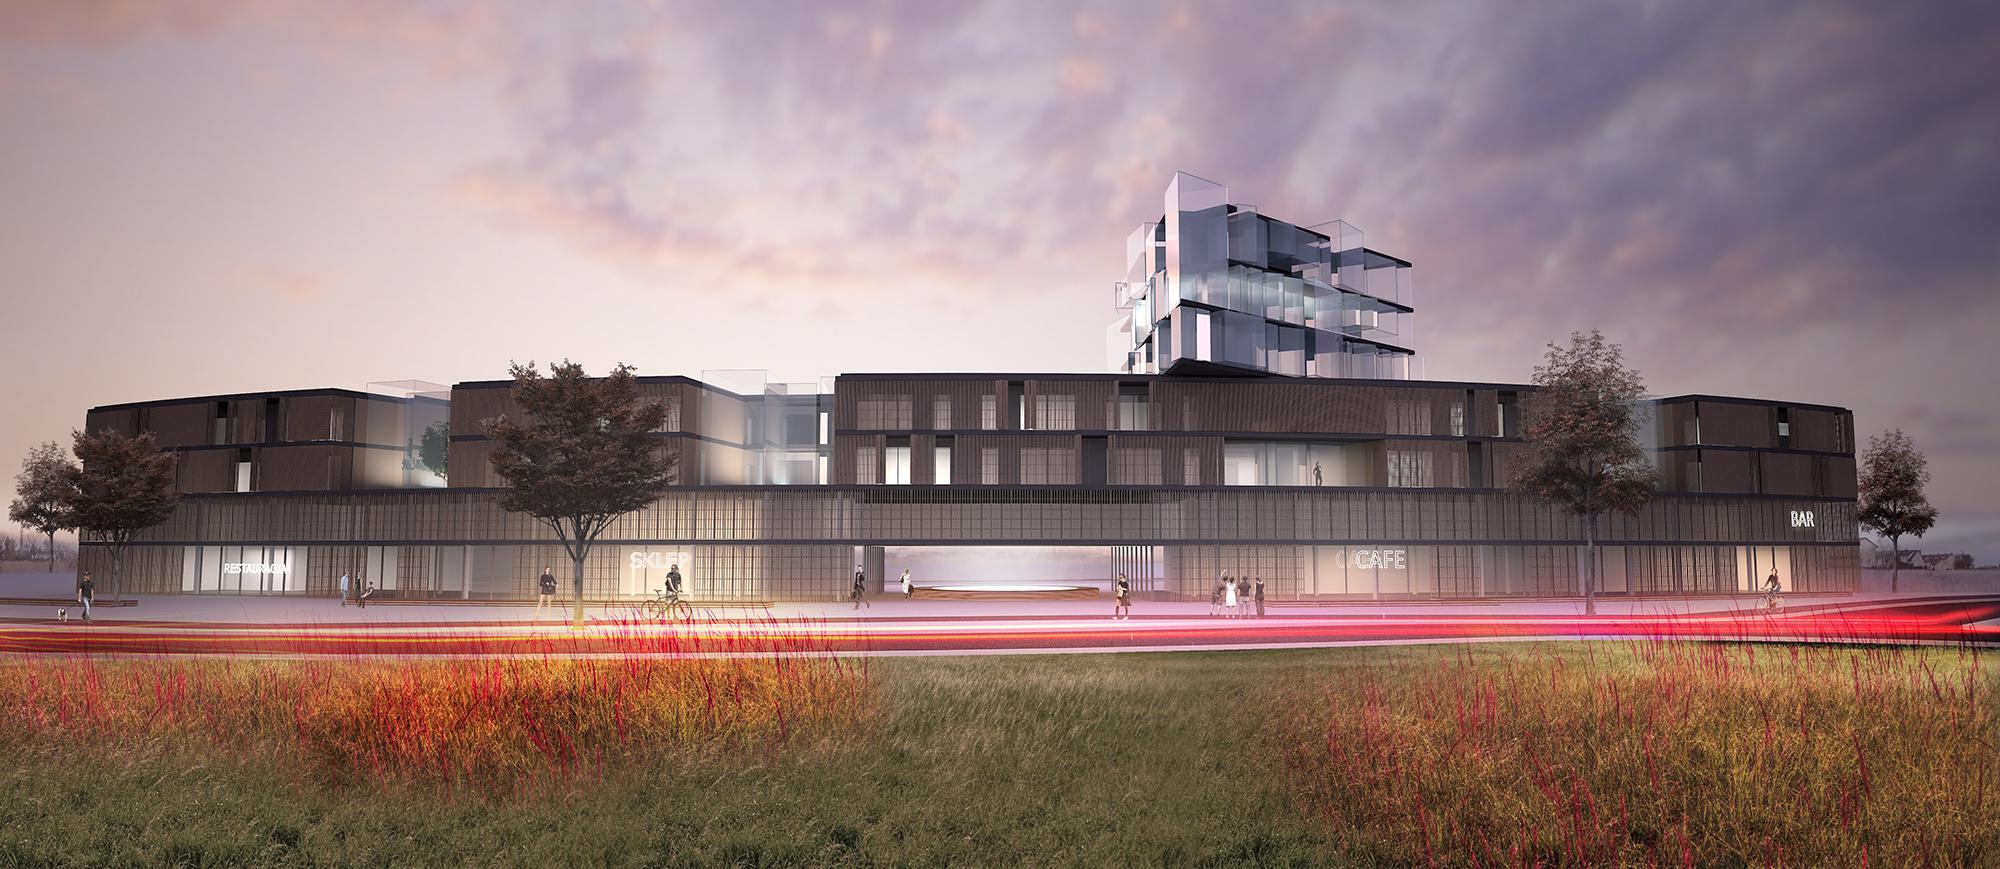 Wyróżnienie honorowe w konkursie na projekt zabudowy mieszkaniowej w Kielcach